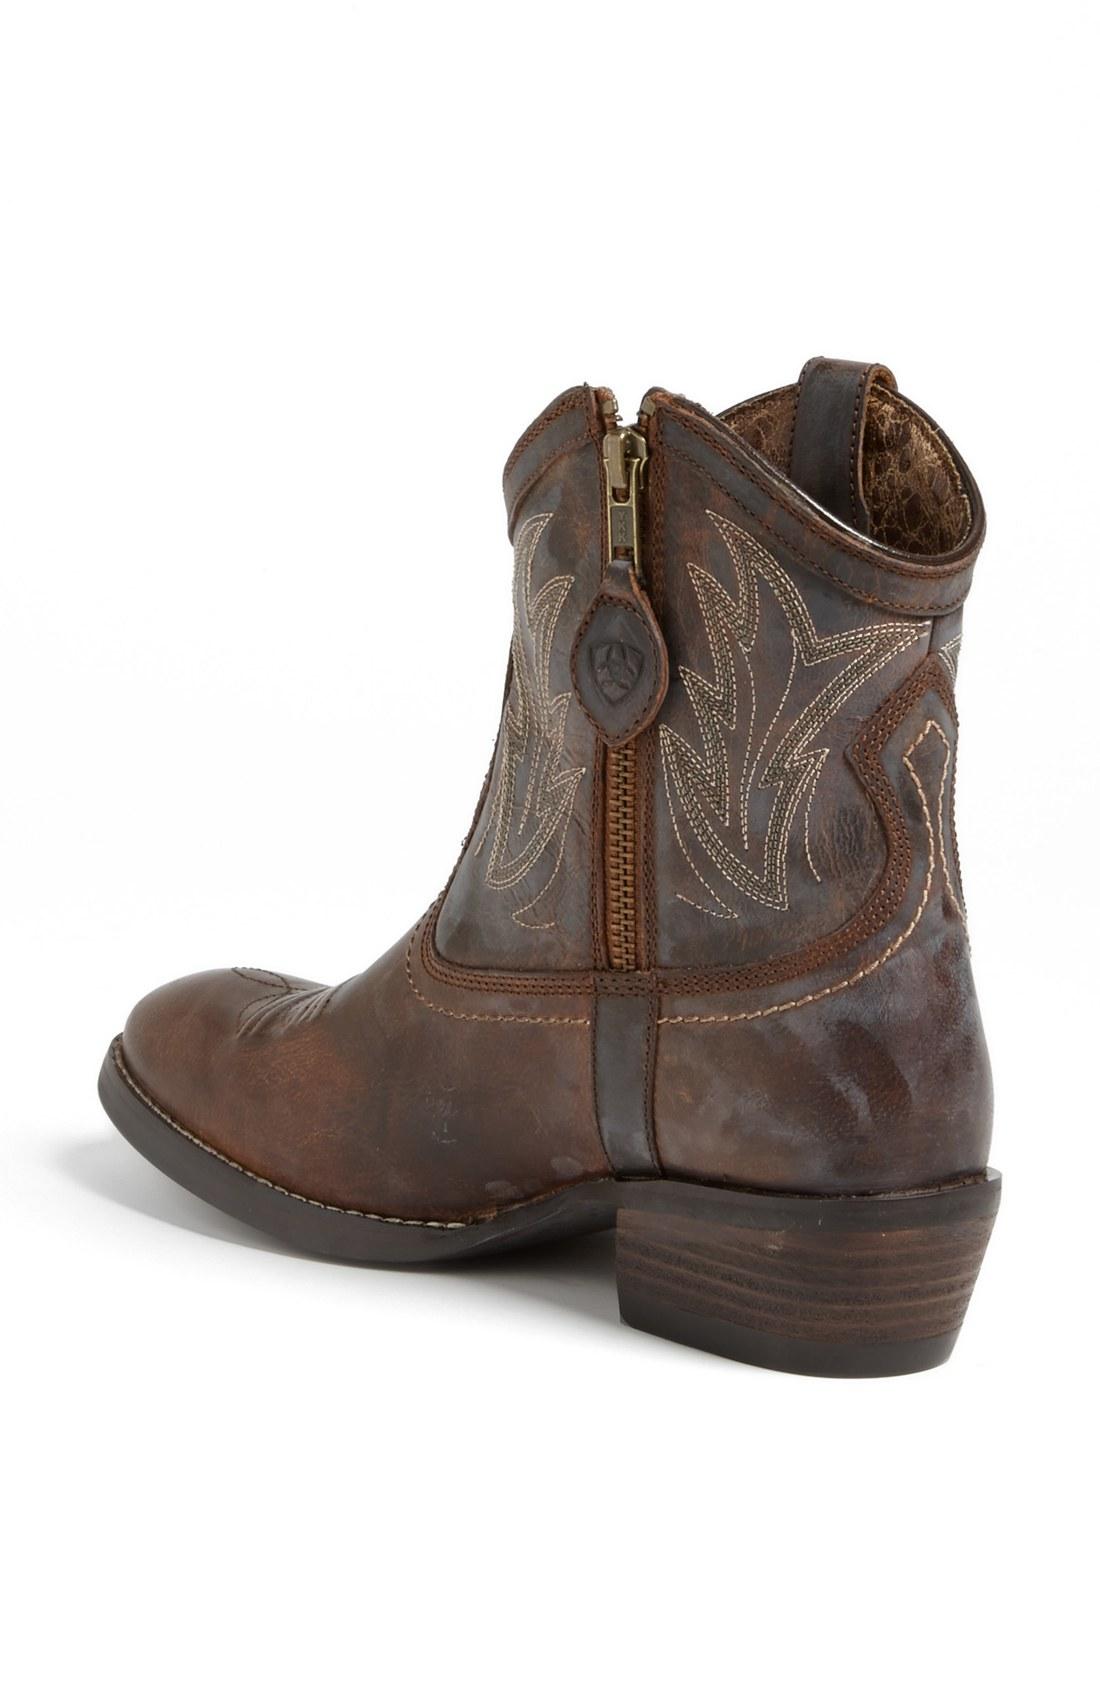 Ariat Billie Boot in Brown | Lyst